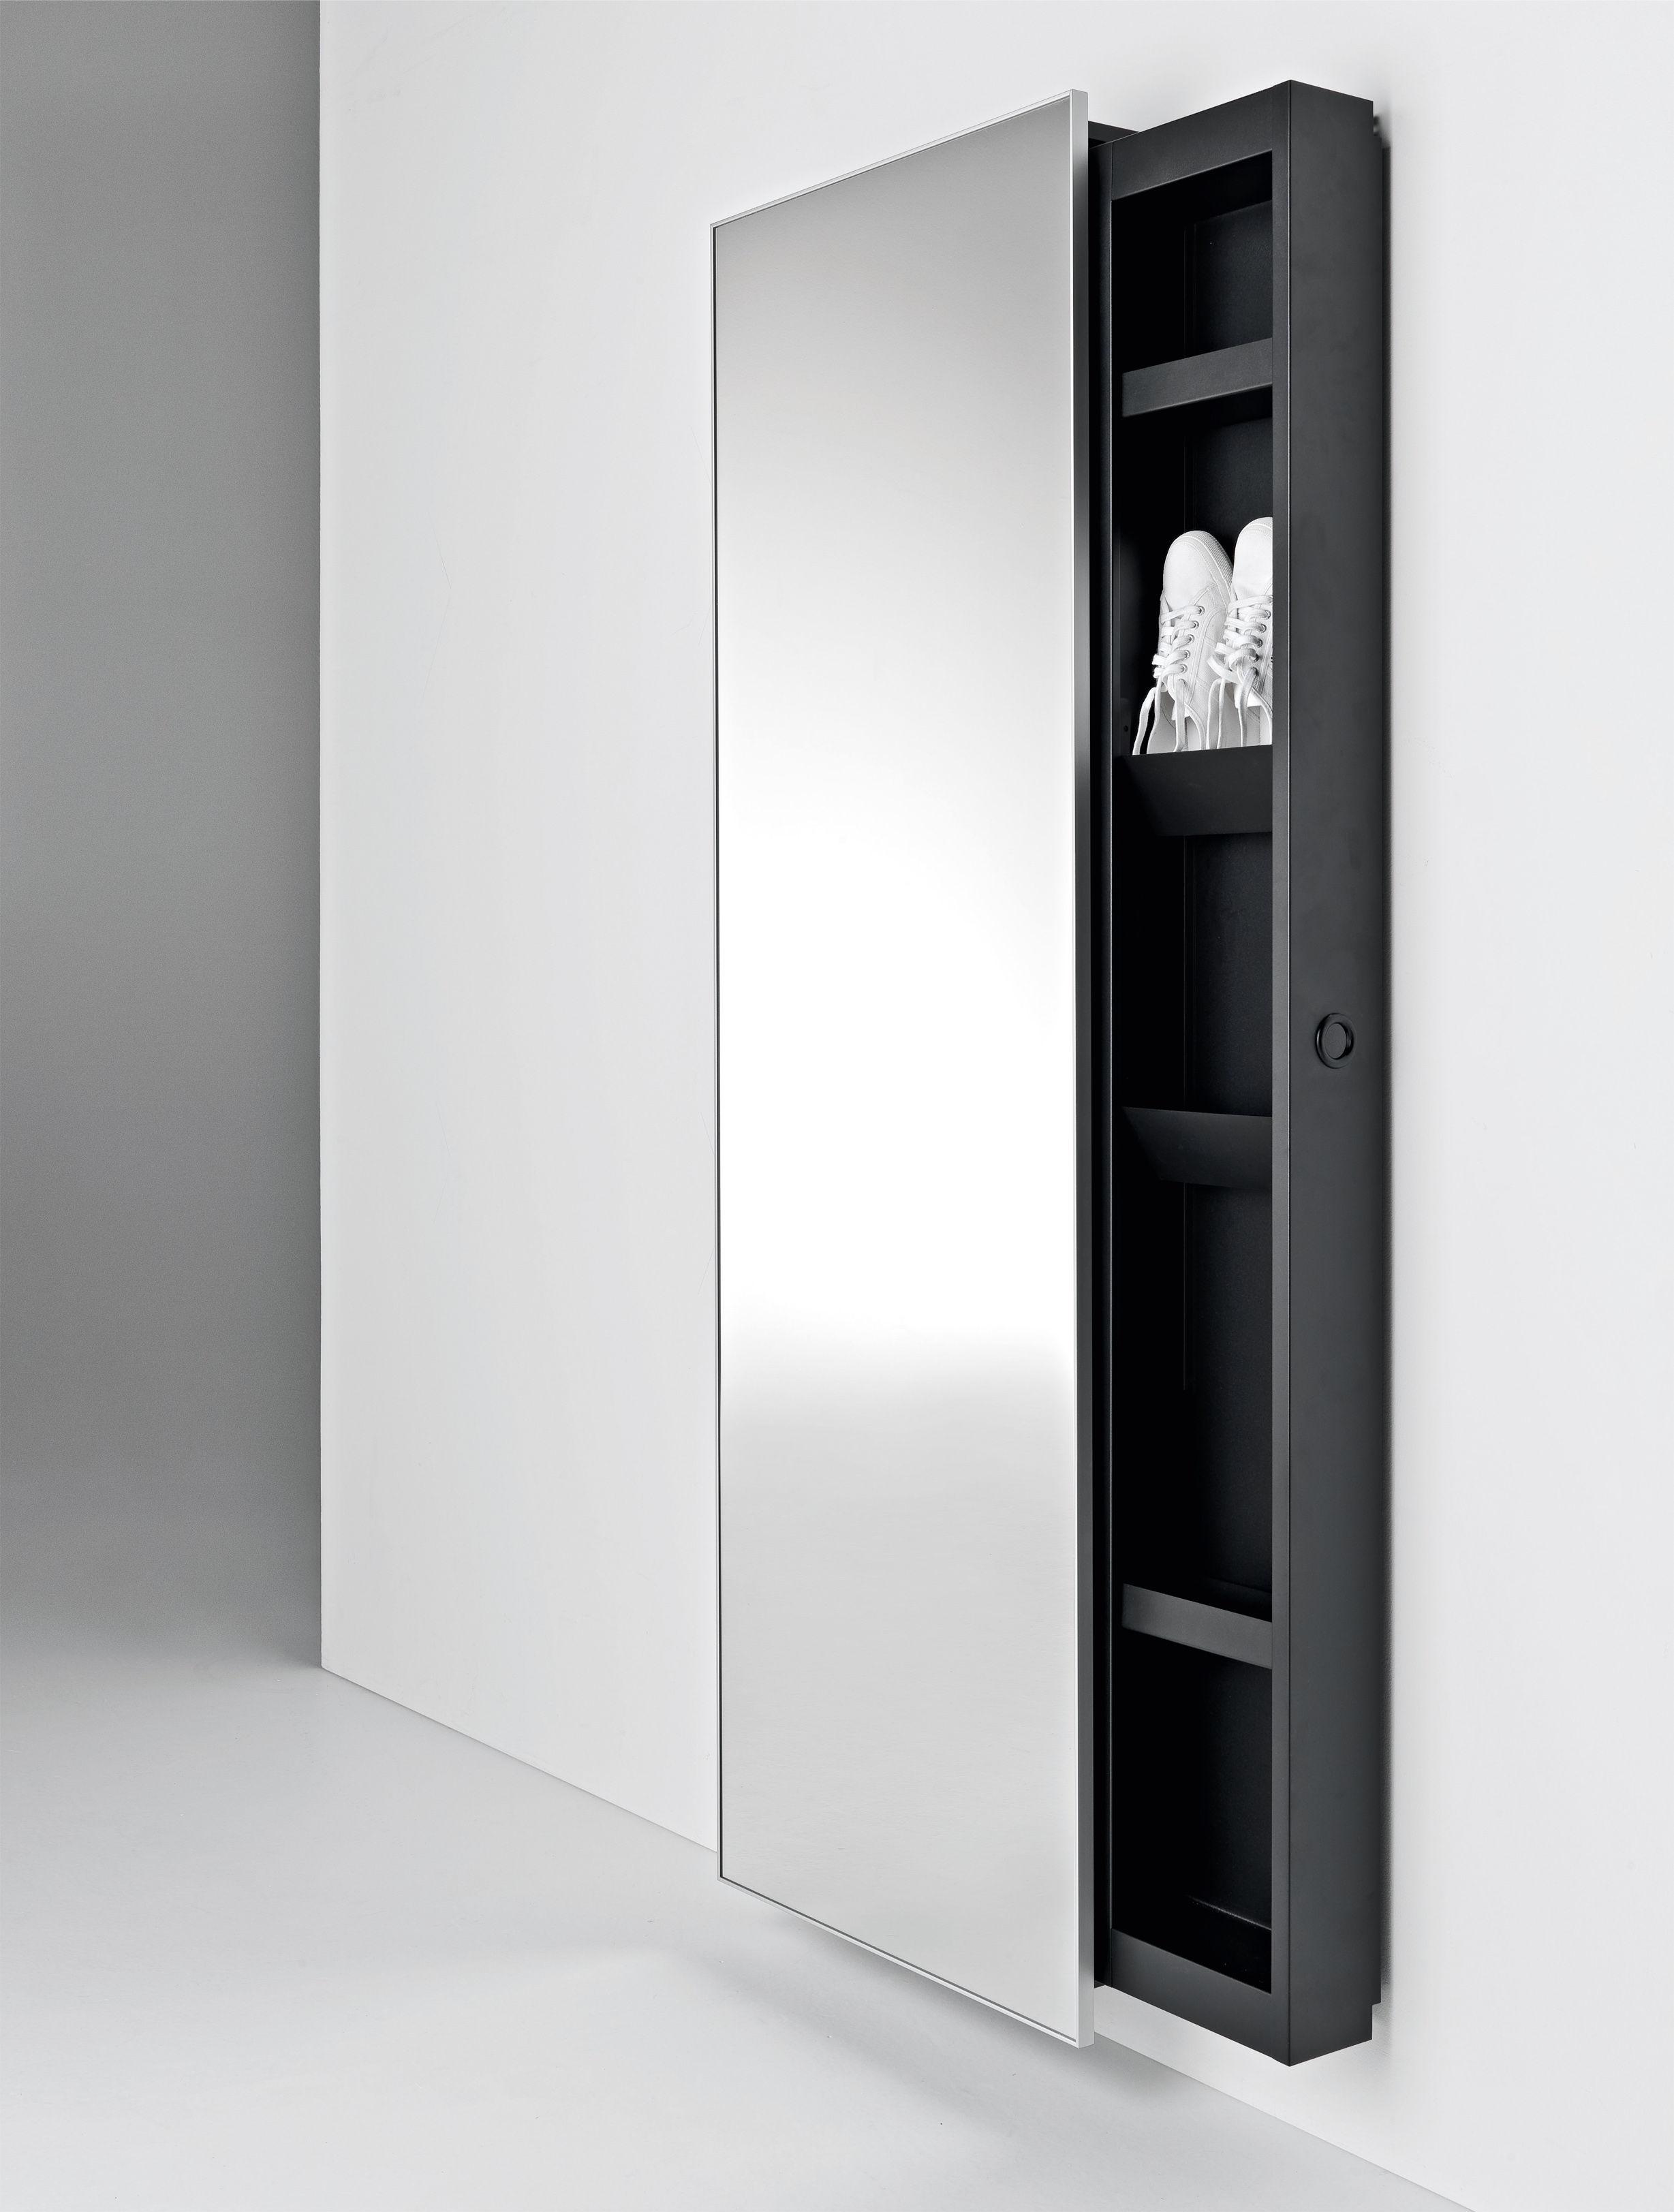 armoire backstage miroir 64 x h 192 cm l 64 x h 192 cm miroir cadre noir horm. Black Bedroom Furniture Sets. Home Design Ideas